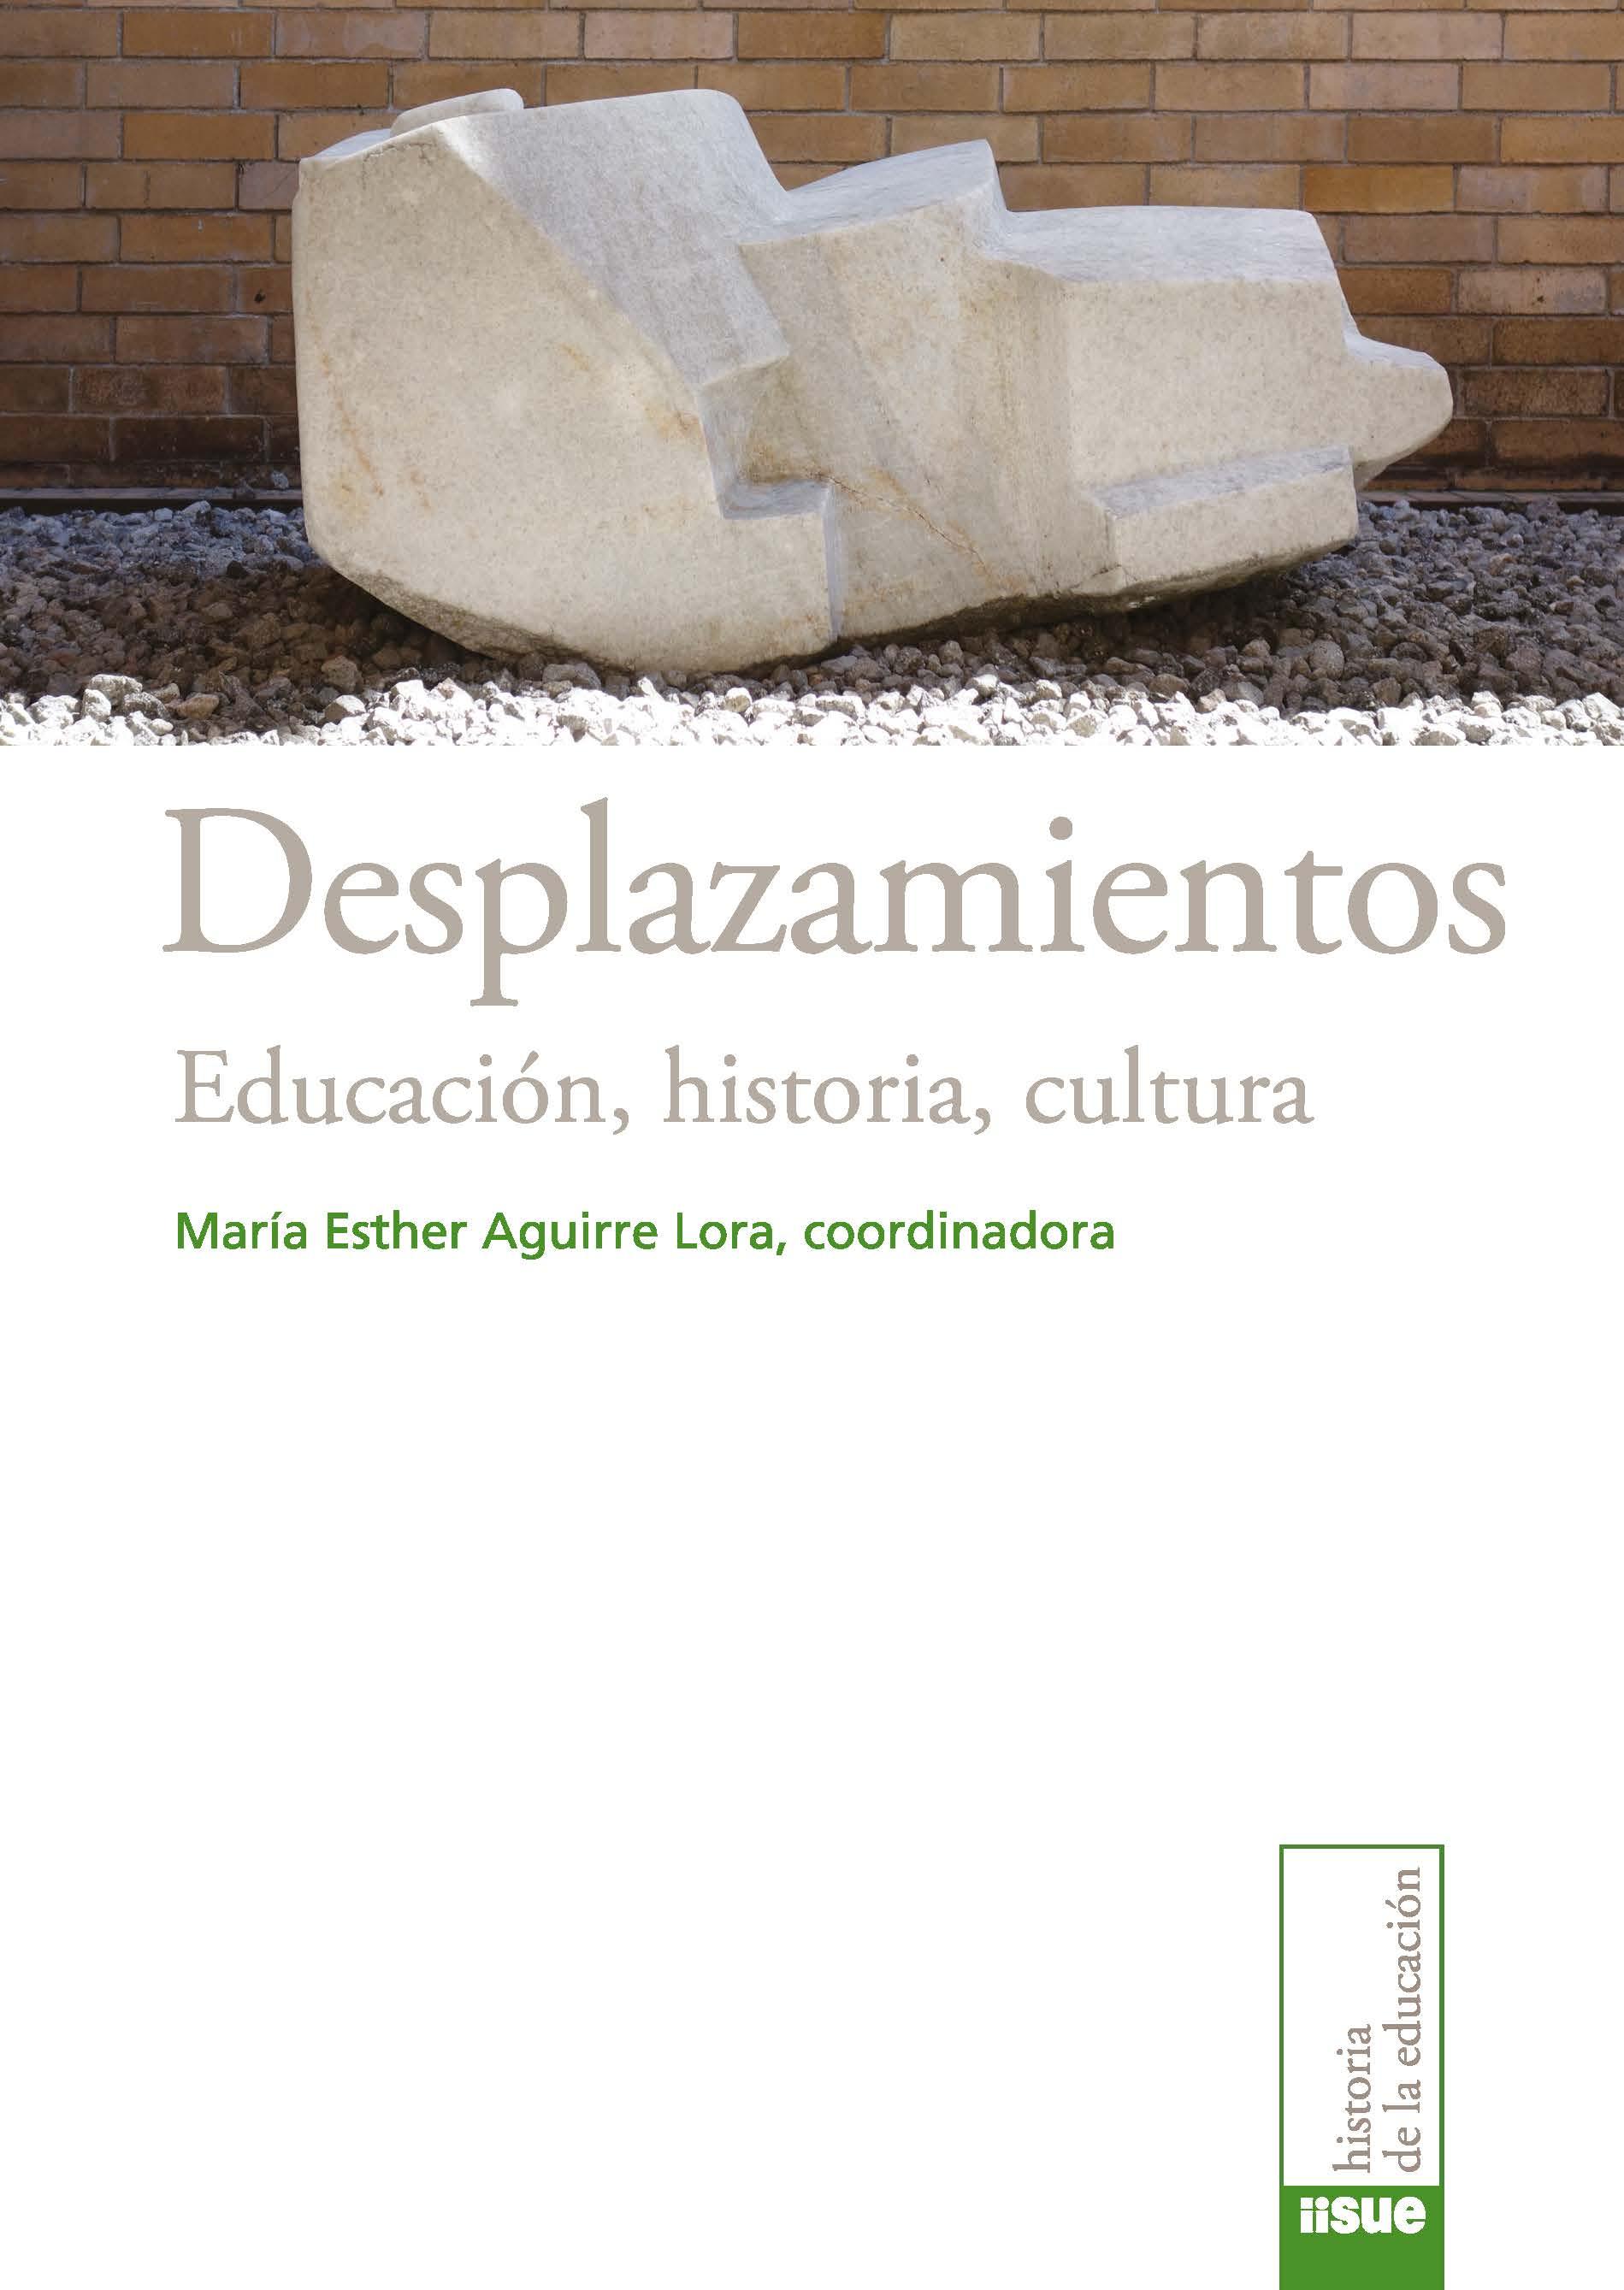 Desplazamientos. Educación, historia, cultura